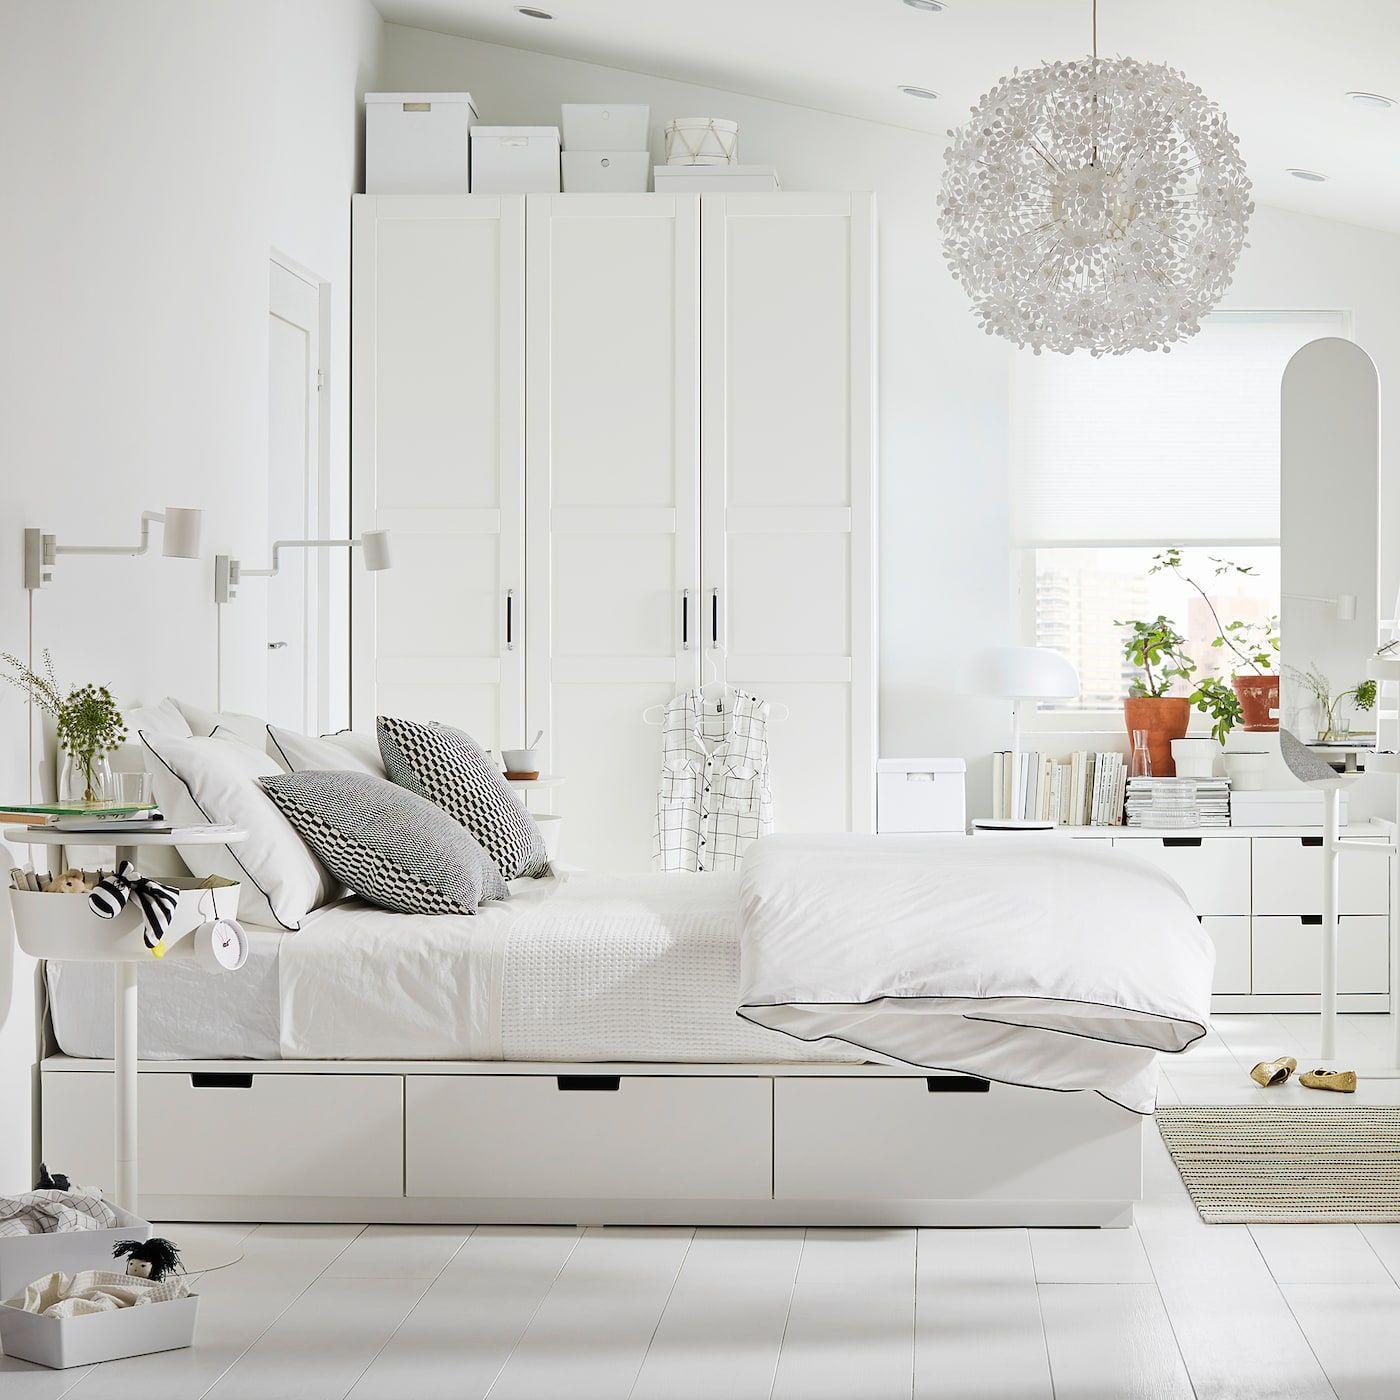 Ikea Nordli Bed Frame With Storage White Lit Rangement Cadre De Lit Et Lit Avec Rangement Integre